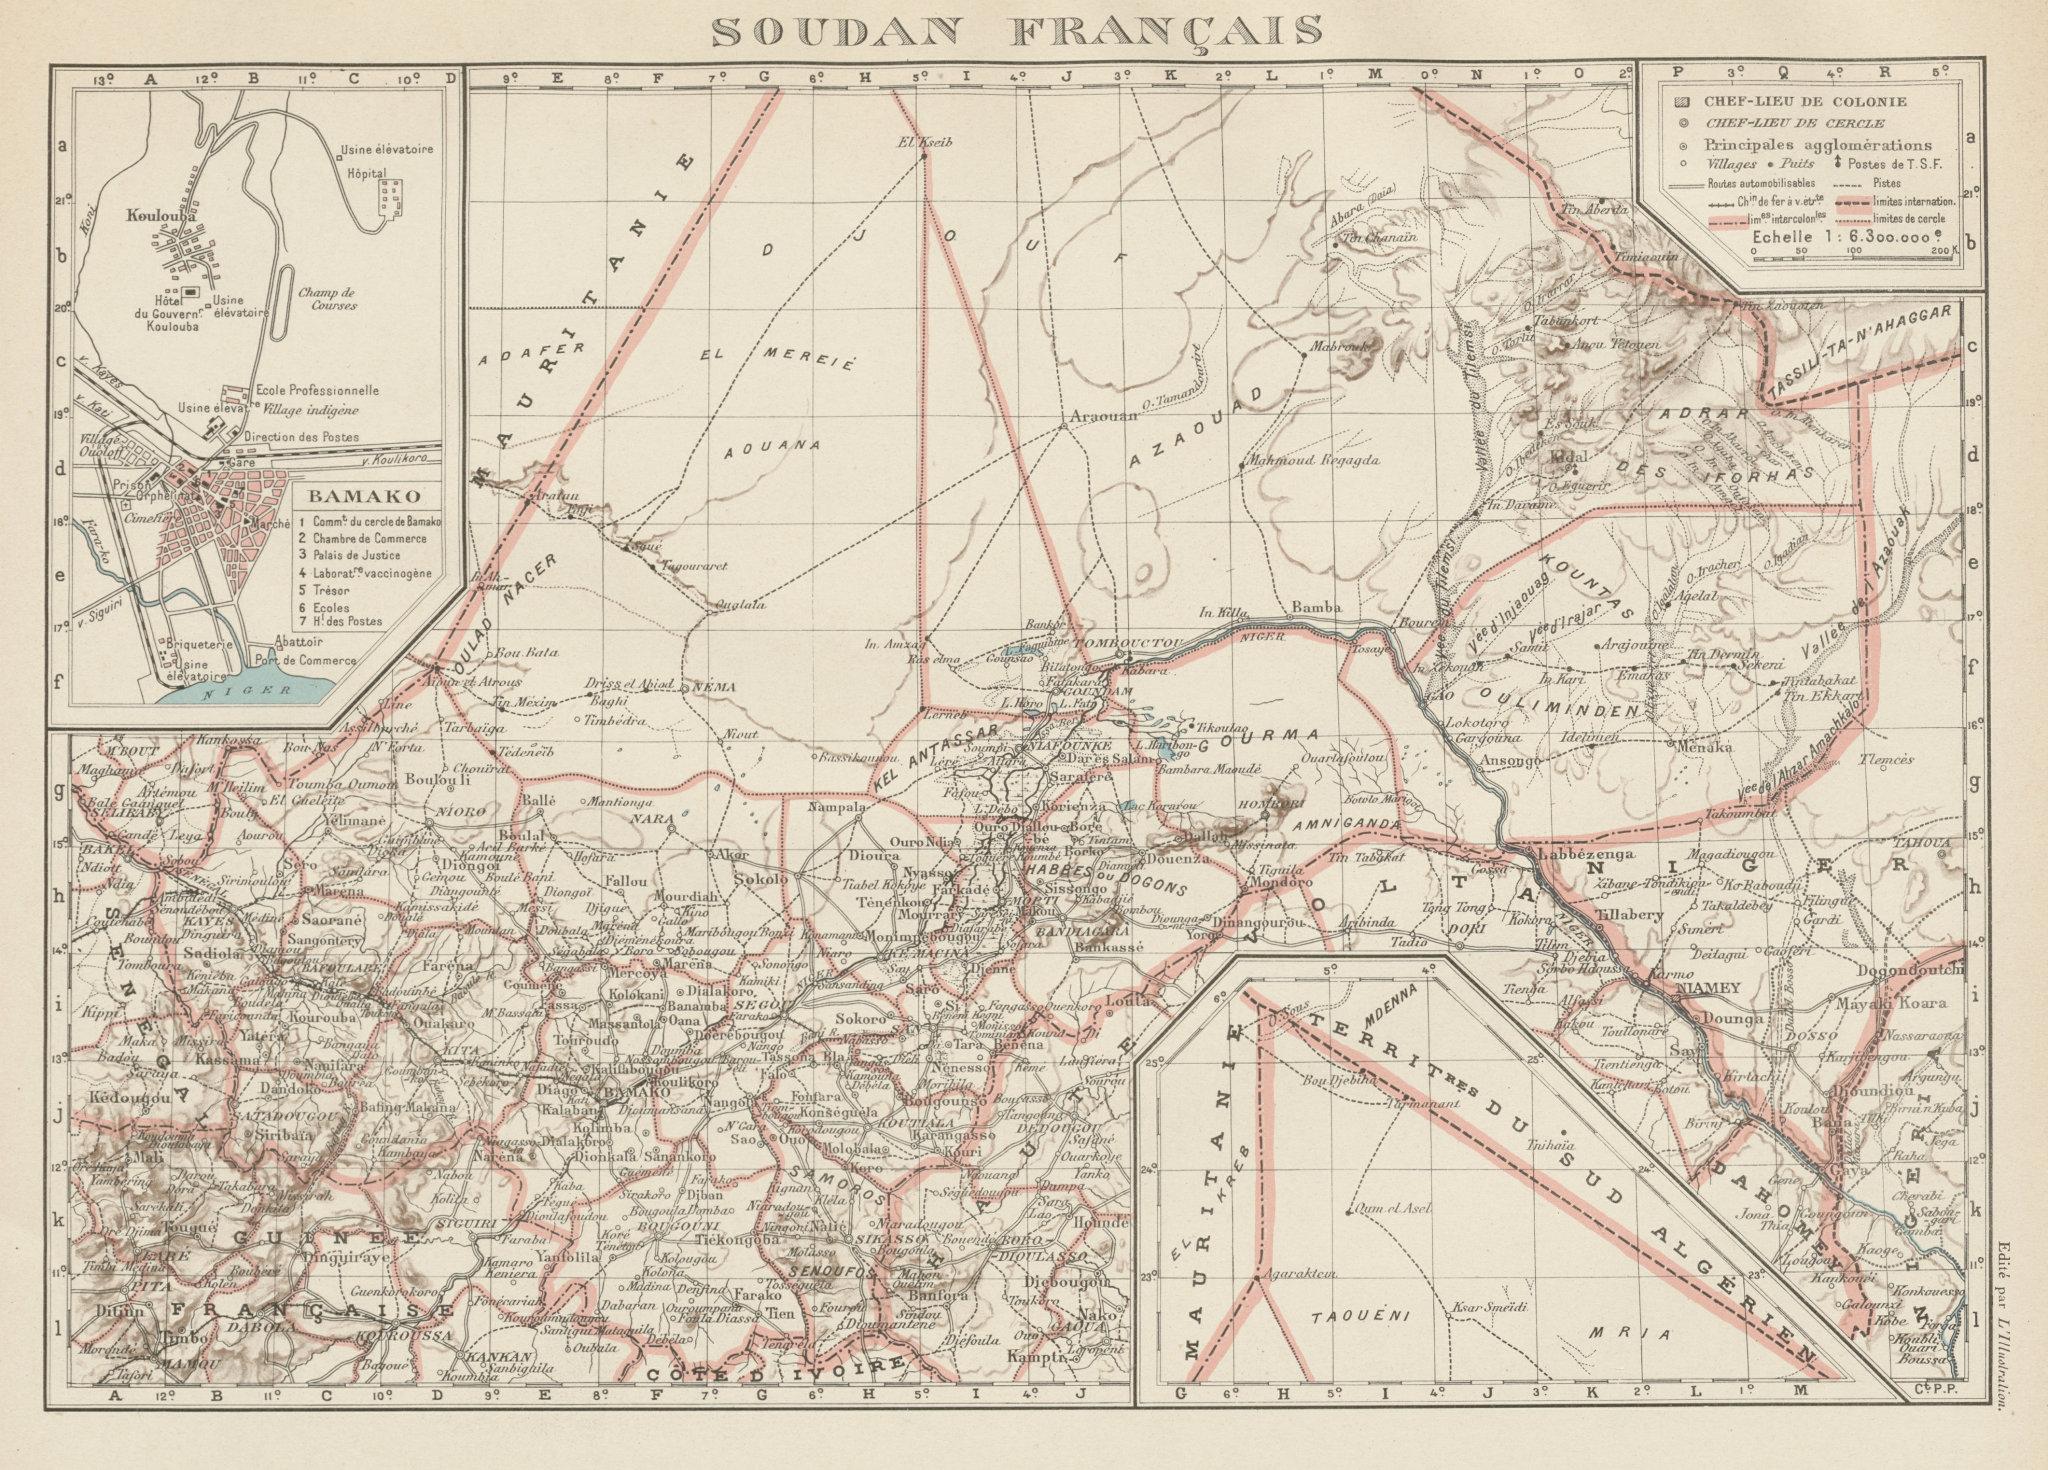 FRENCH SUDAN (Now Mali). Soudan Français. Bamako city plan de la ville 1929 map